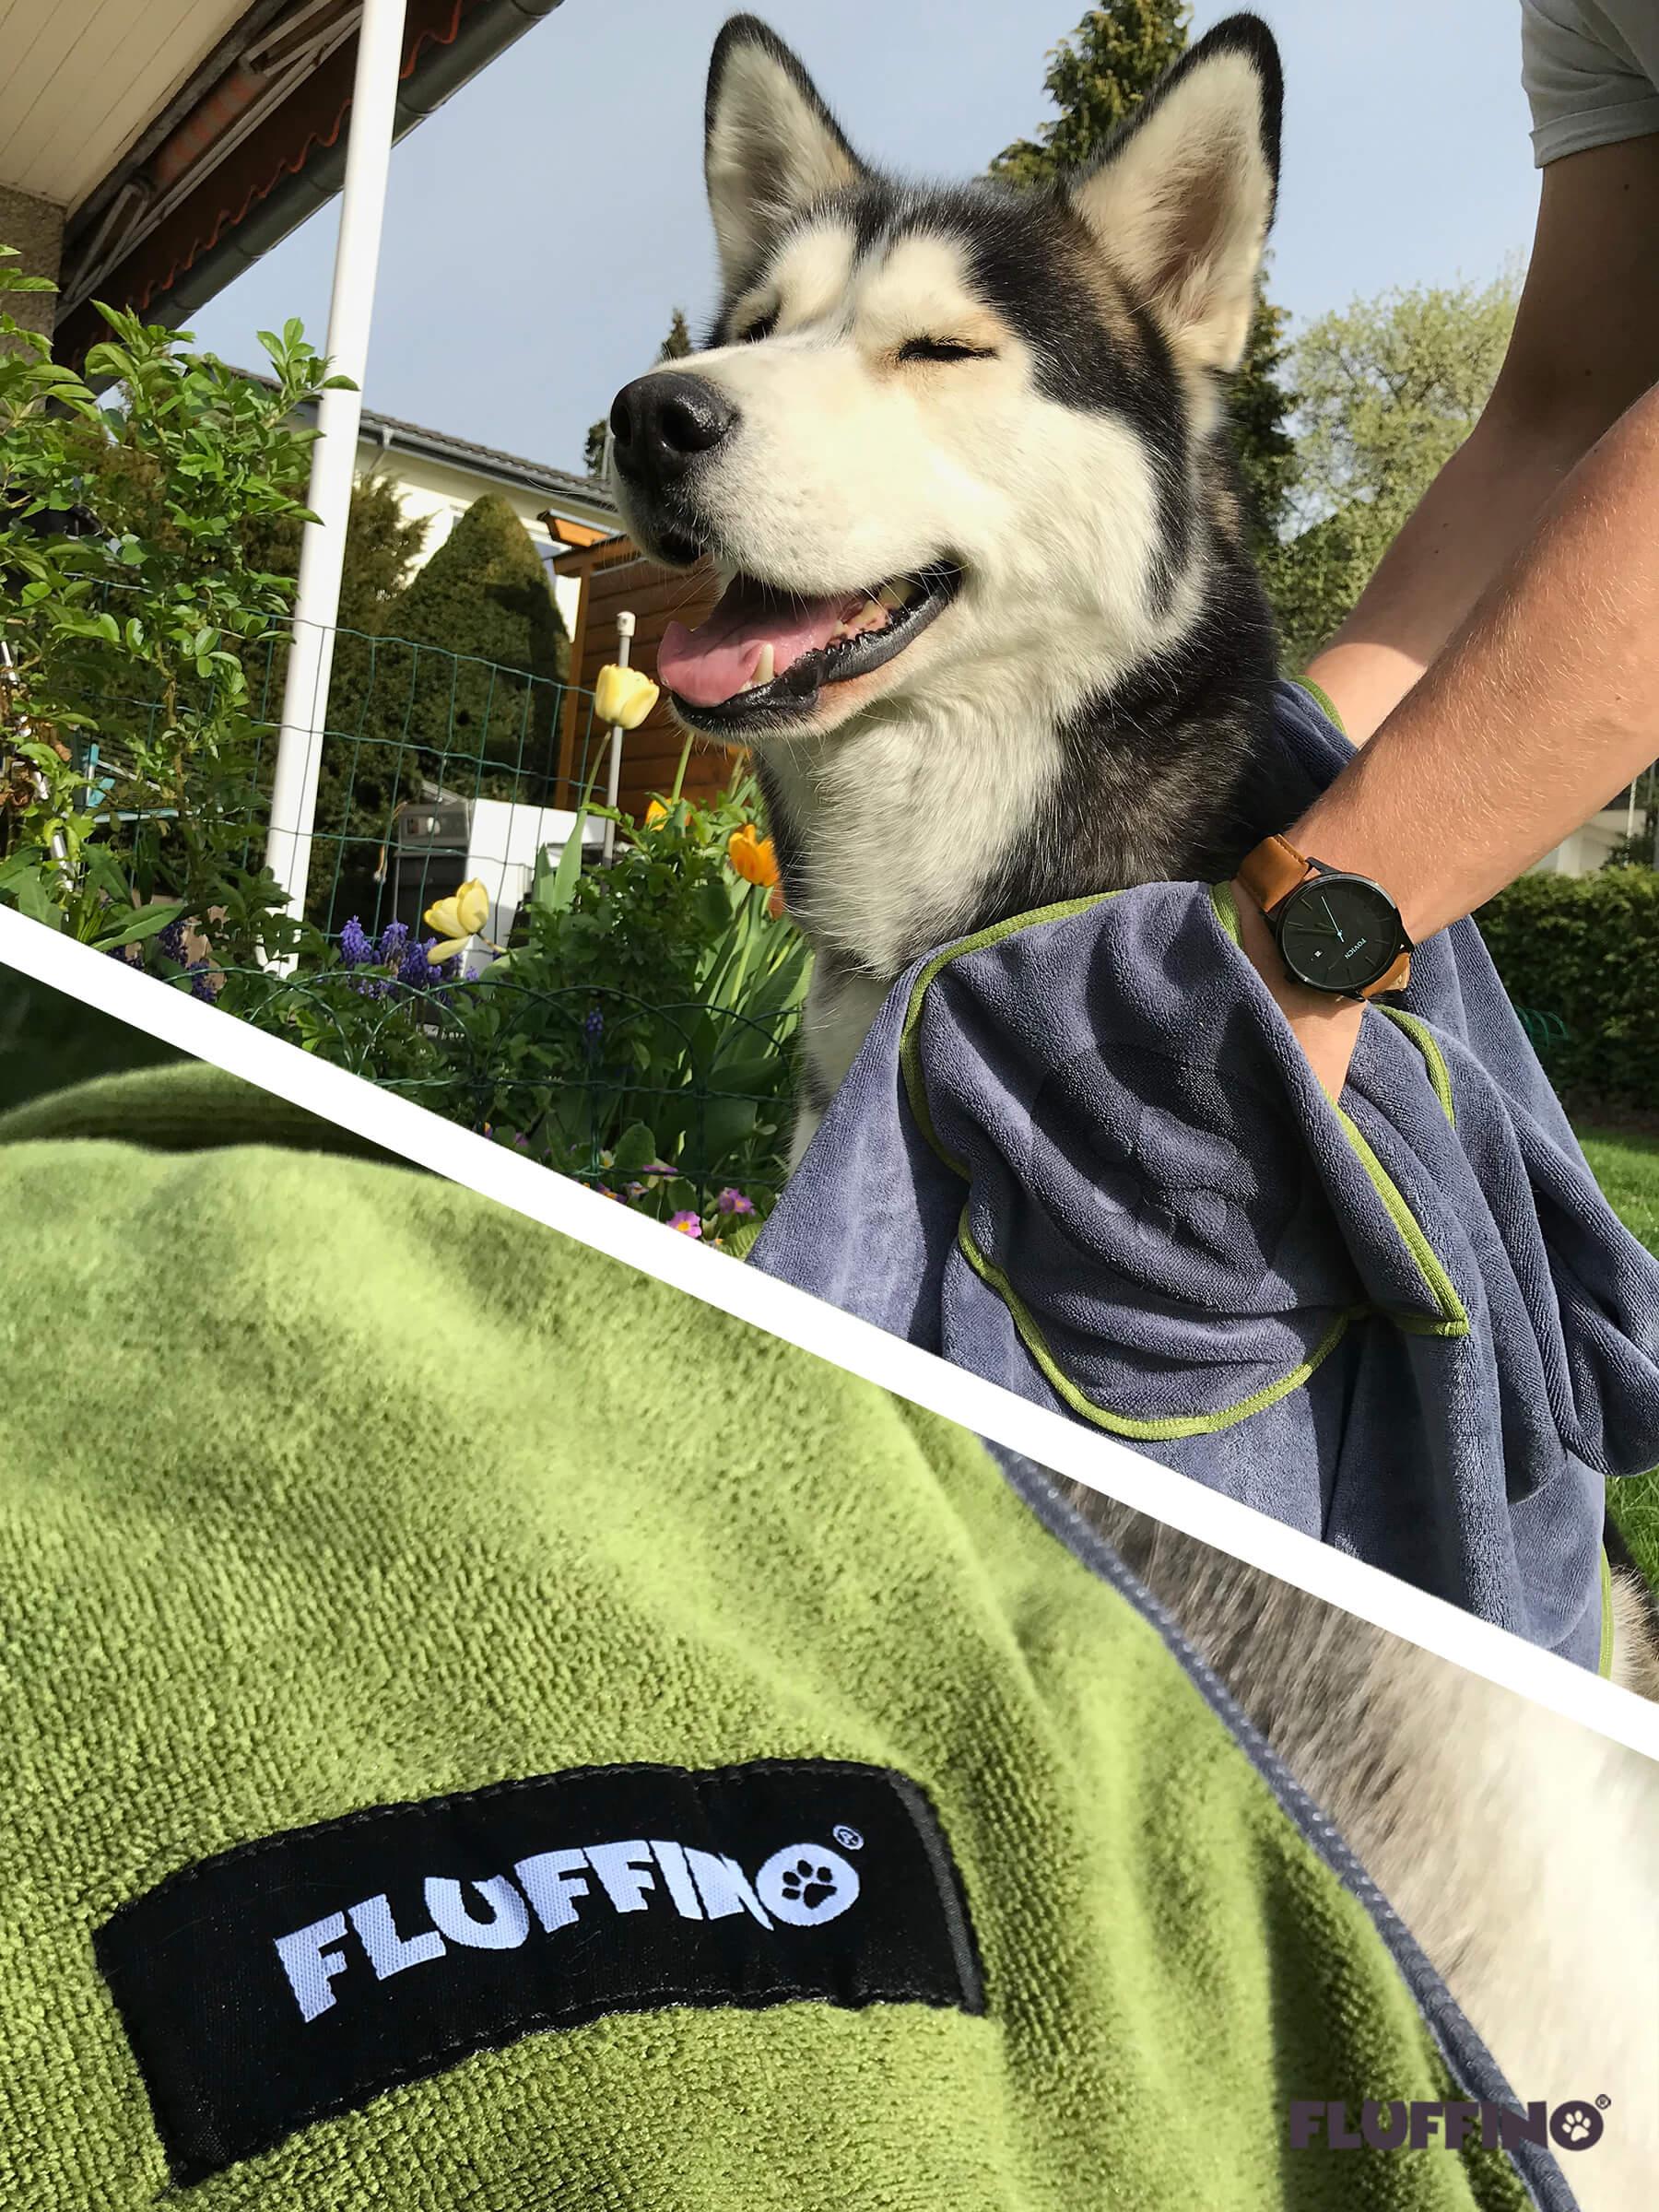 Husky der mit FLUFFINO Hundehandtuch abgetrocknet wird